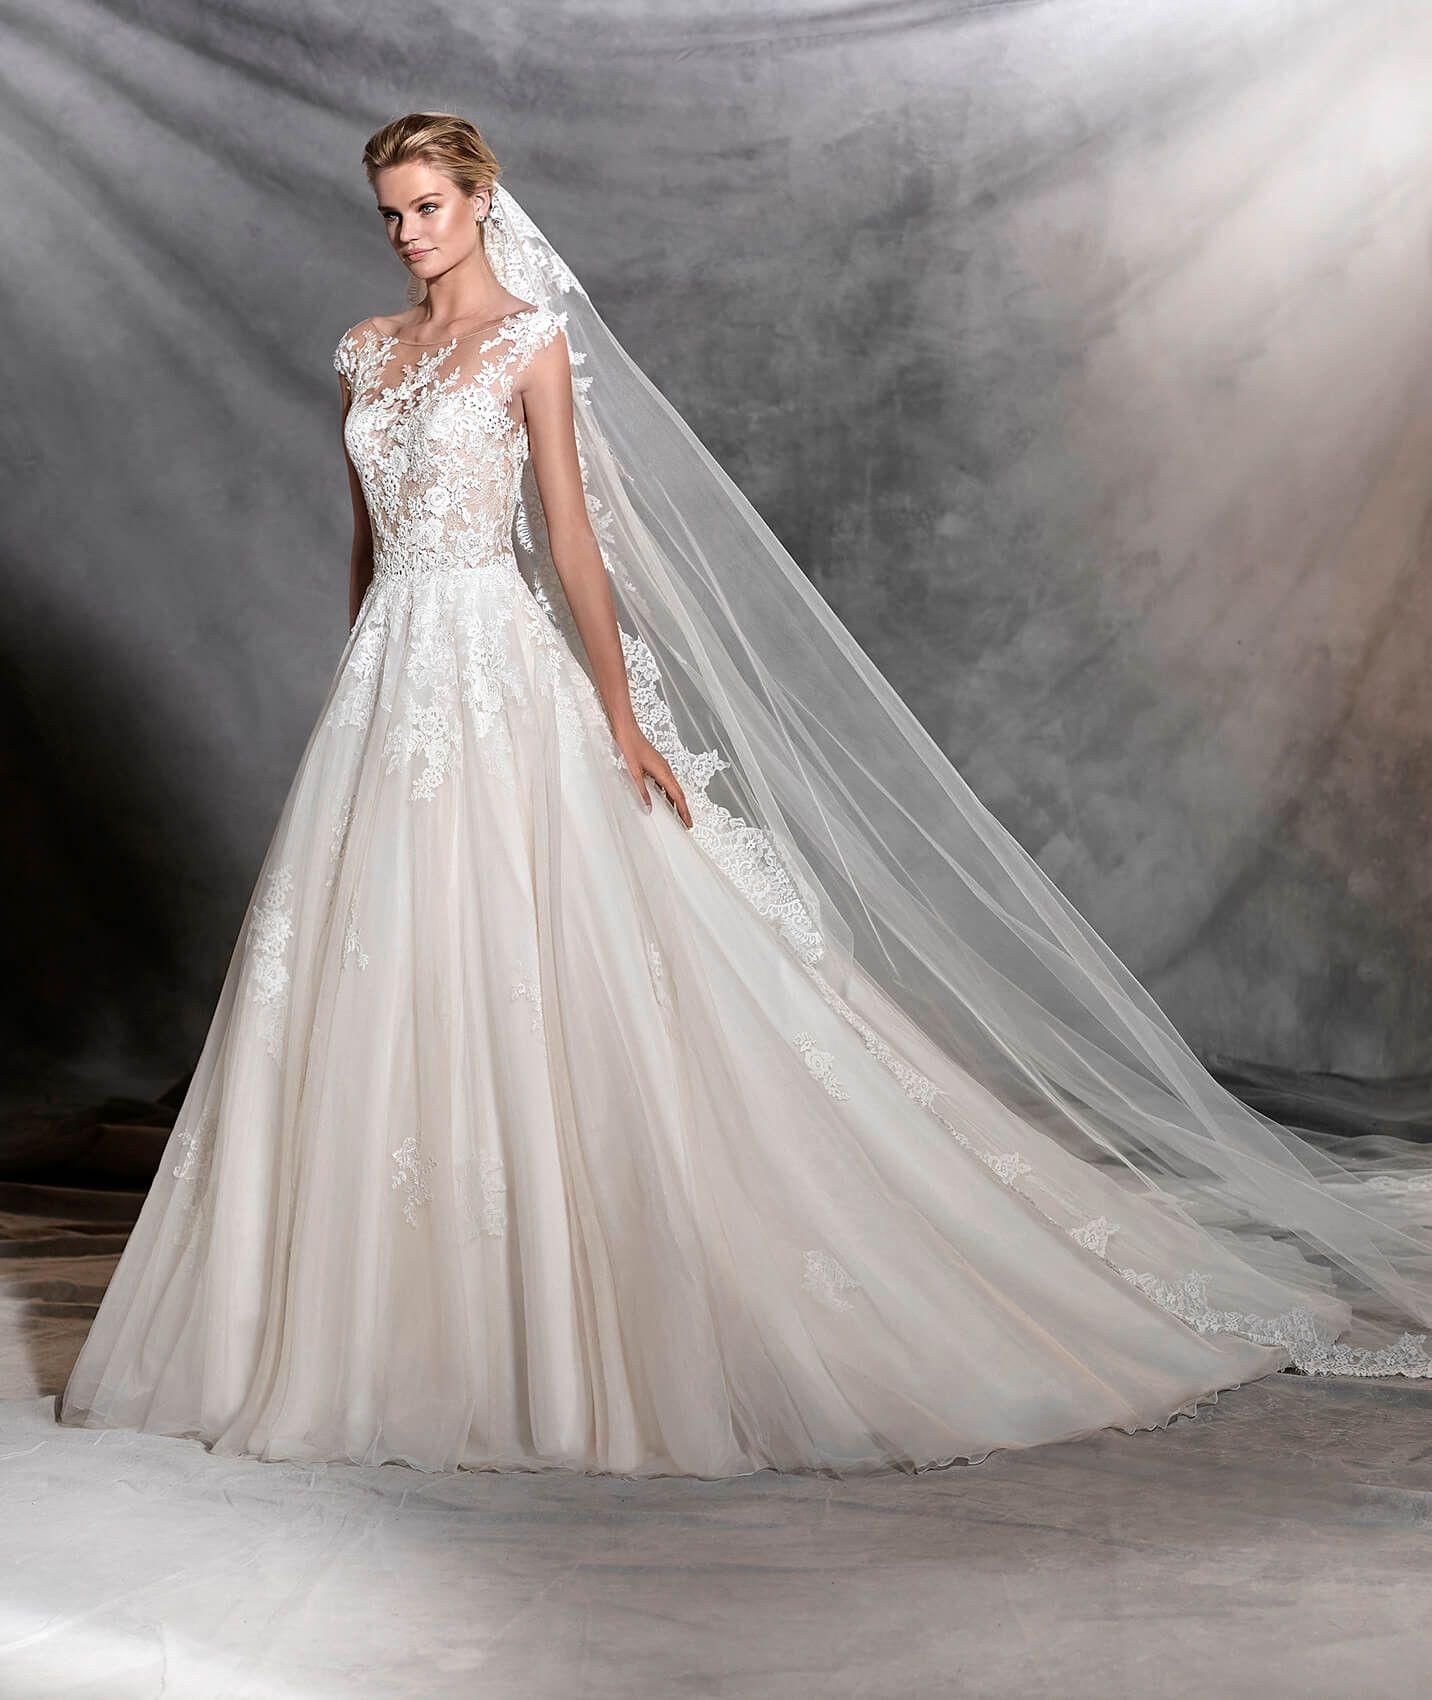 Wedding Gowns Indianapolis: OFELIA - Vestido De Novia De Estilo Princesa